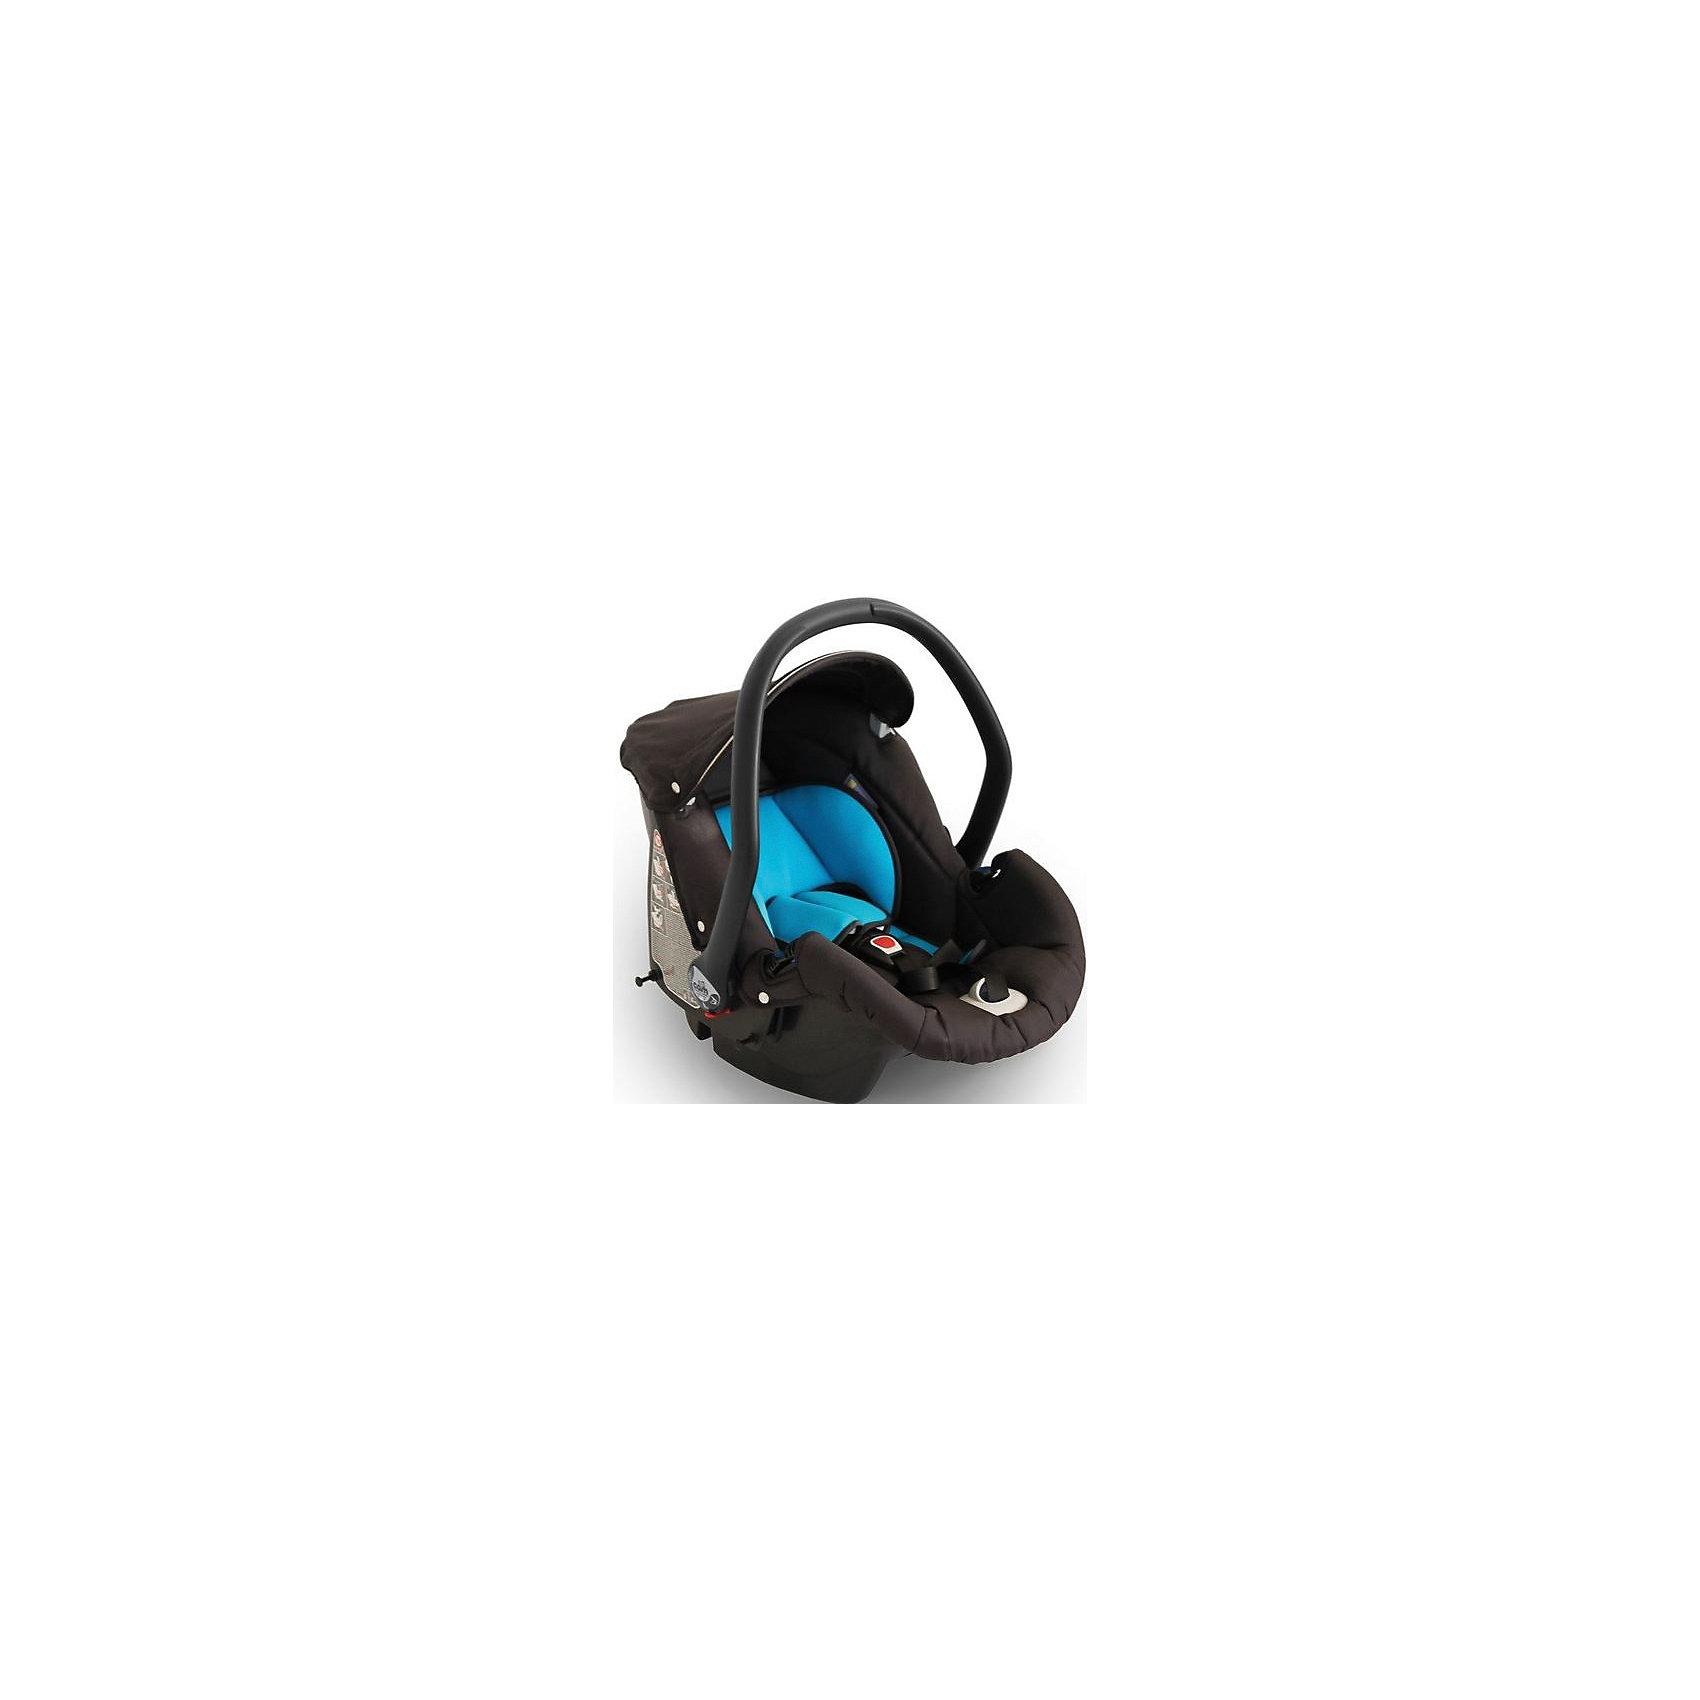 Автокресло CAM Area Zero+, 0-13кг, голубойГруппа 0+ (До 13 кг)<br>Автокресло Area Zero+, 0-13кг, CAM, голубой – удобство и надежность для вашего малыша.<br>Каркас кресла – пластиковый, анатомической формы. Такое кресло не только обеспечивает ребенку правильную посадку, важную при формировании осанки, но еще и надежно защищает его в случае аварии. Ремни безопасности встроены в кресло, с мягкими насадками, которые не допускают травмы при резком торможении. Регулируются по высоте и объему. Закрепляется кресло с помощью штатных ремней безопасности против хода движения. Можно использовать и походу движения. Есть съемный чехол, удобная ручка для переноски, конструкция для укачивания. Кресло подходит для всех колясок фирмы CAM.<br><br>Дополнительная информация:<br><br>- вес ребенка: до 13 кг<br>- размер: 65 х 44 х 58 см<br>- вес кресла: 3,6 кг<br>- цвет: голубой<br><br>Автокресло Area Zero+, 0-13кг, CAM, голубой можно купить в нашем интернет магазине.<br><br>Ширина мм: 490<br>Глубина мм: 450<br>Высота мм: 755<br>Вес г: 5000<br>Возраст от месяцев: 0<br>Возраст до месяцев: 12<br>Пол: Мужской<br>Возраст: Детский<br>SKU: 5013494